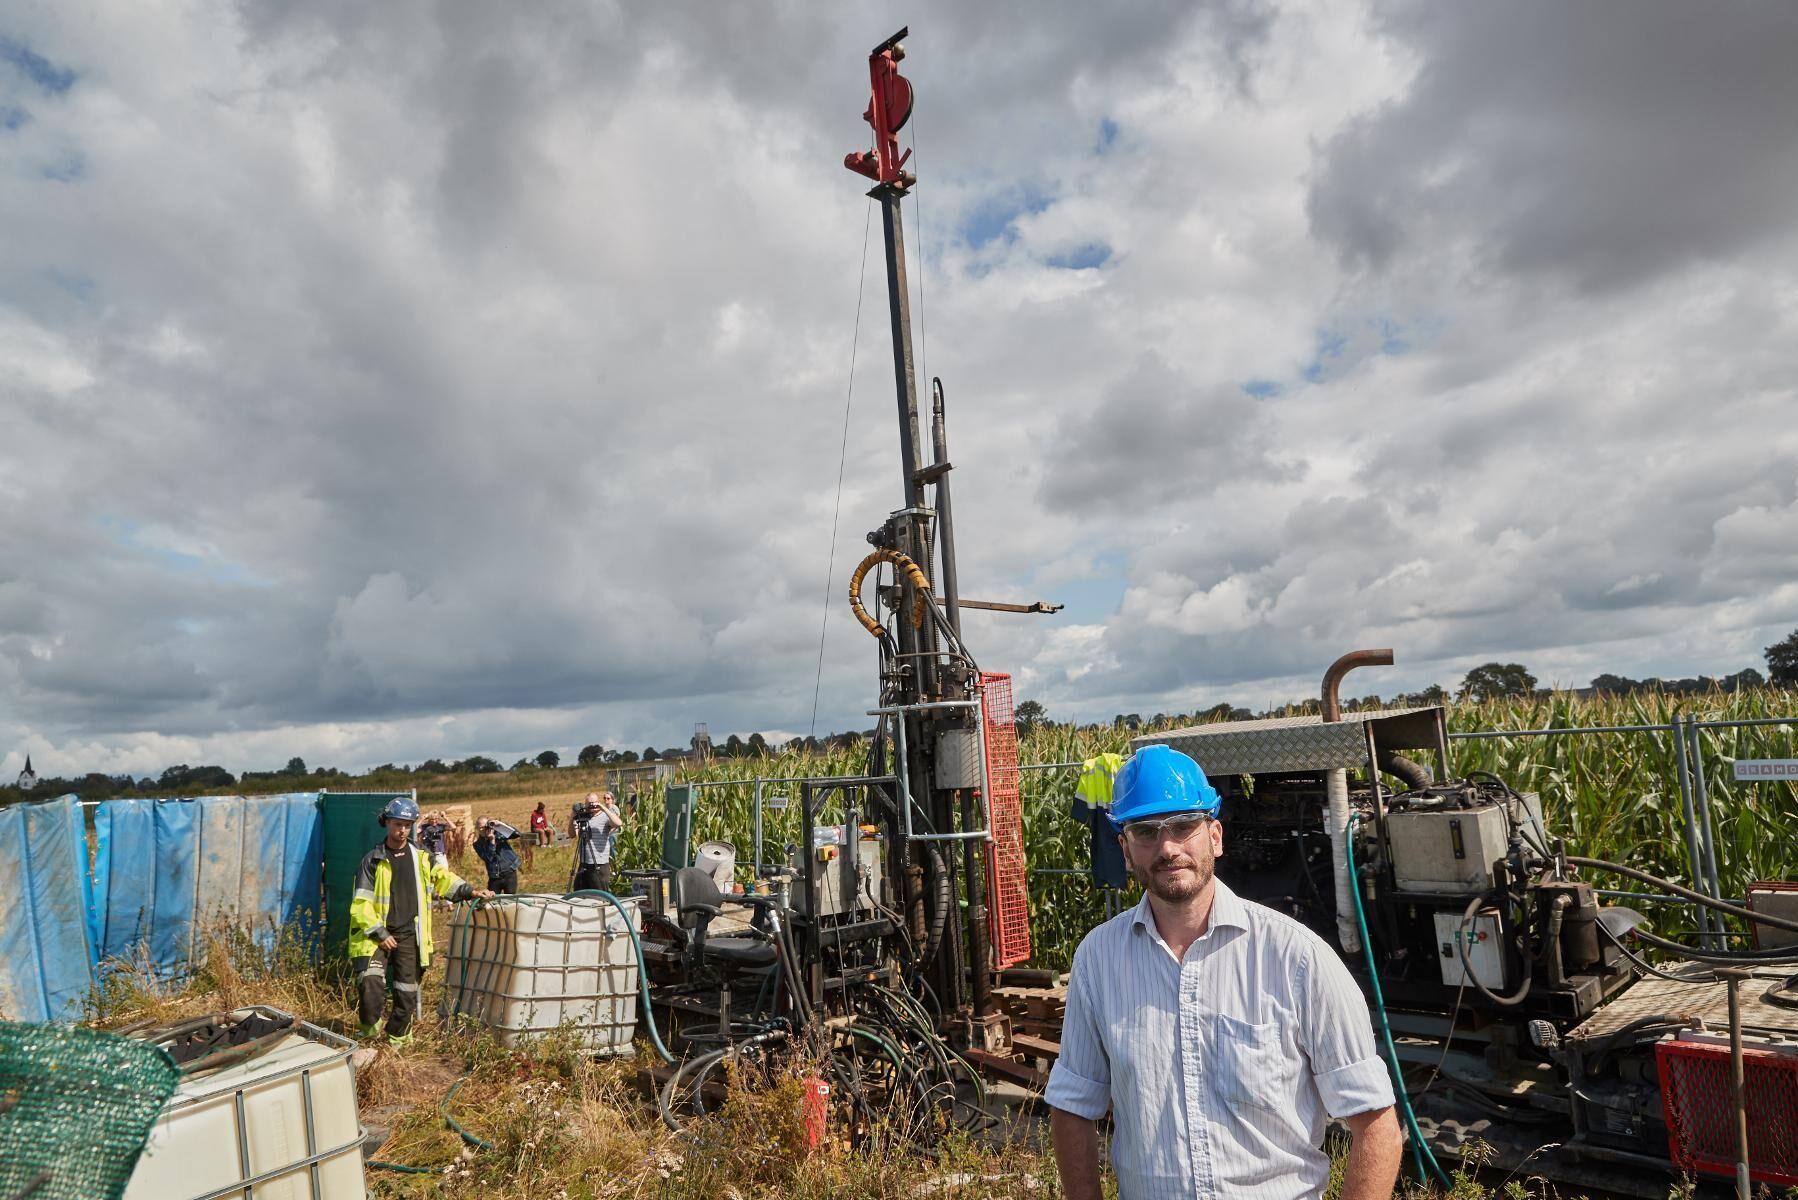 David Minchin, vd Scandivanadium under en pressträff när provborrningen av metallen vanadin skulle påbörjas utanför Hörby.